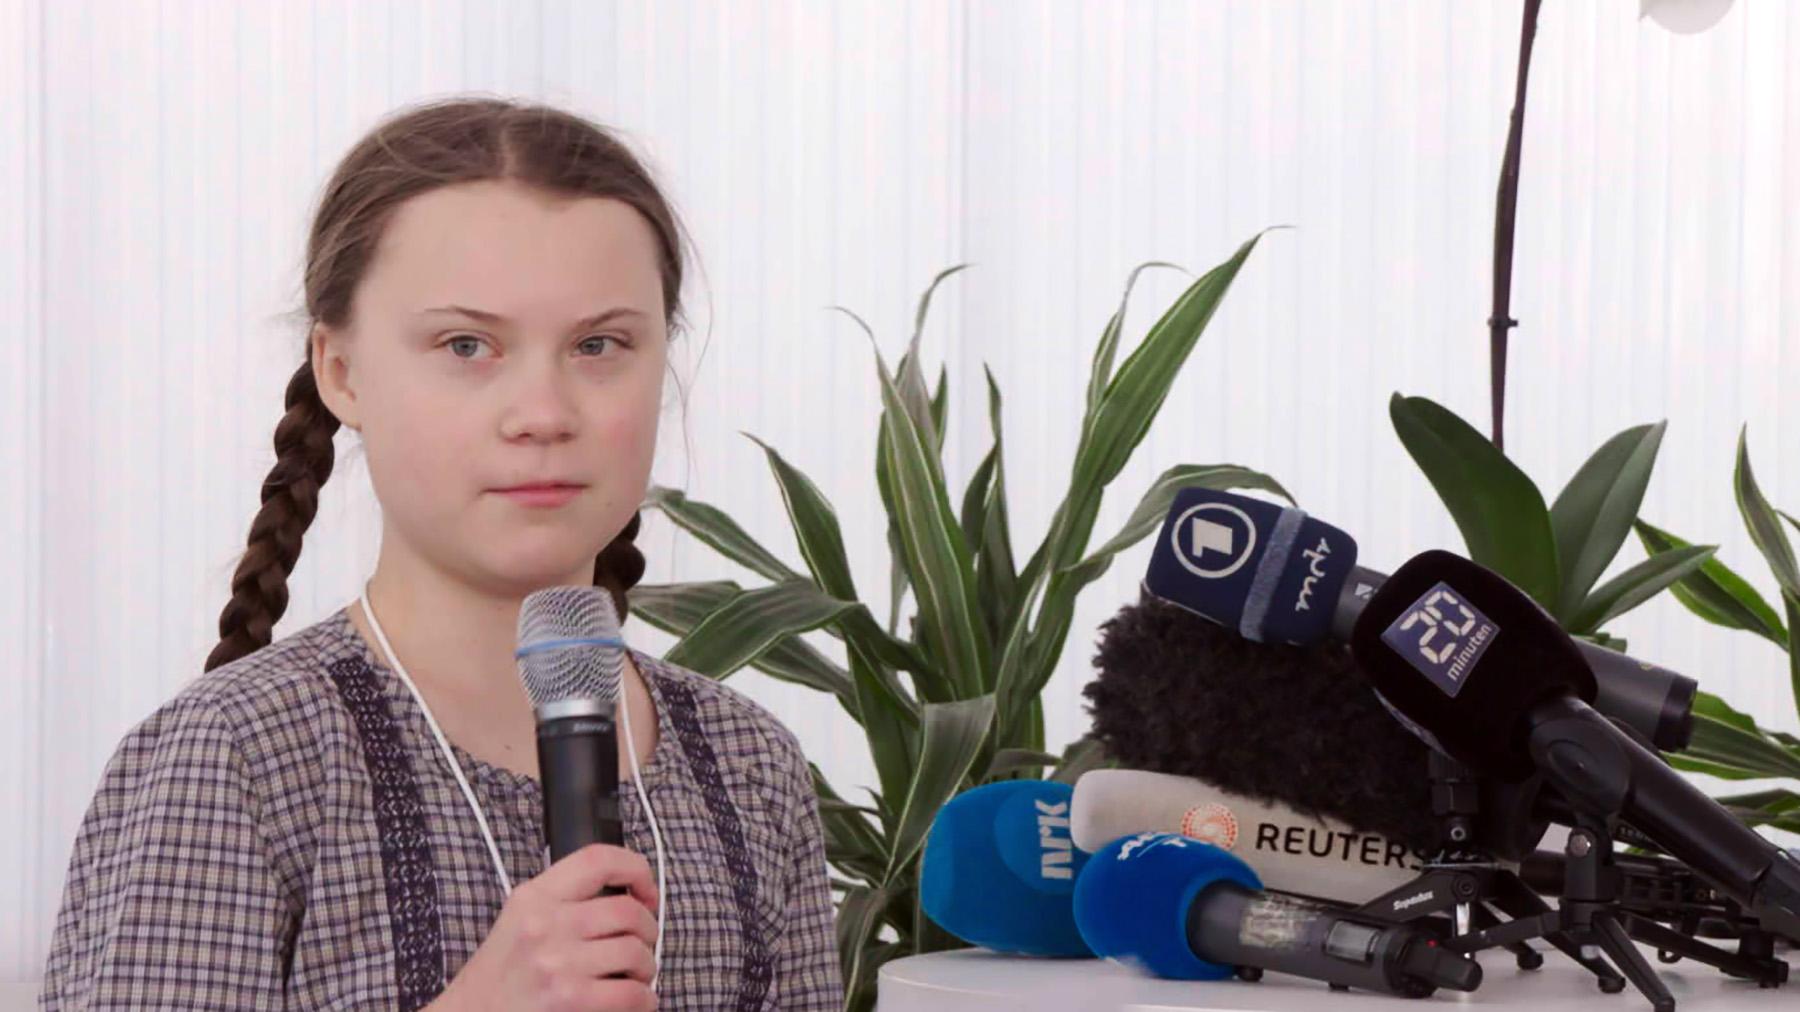 Greta Thunberg, die schwedische Klimaschutzaktivistin, bei einer Veranstaltung auf dem Weltwirtschaftsforum in Davos 2019